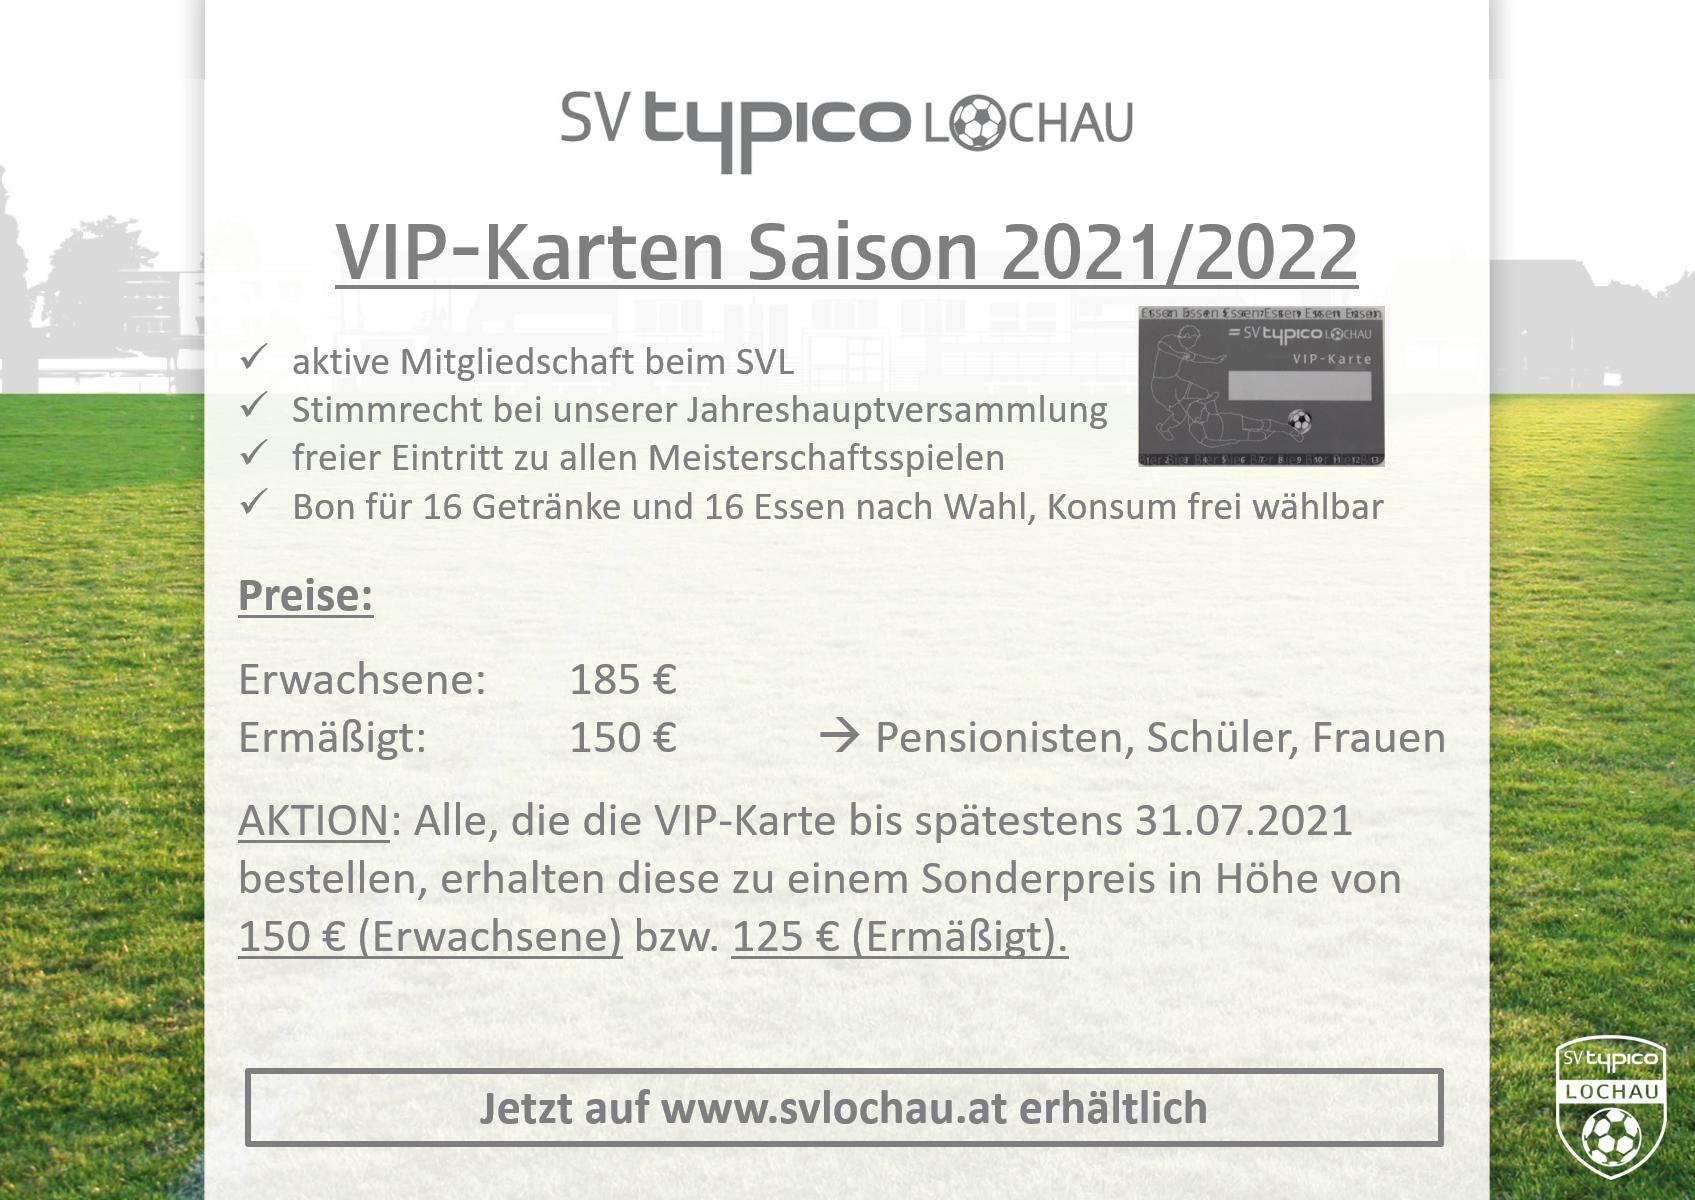 VIP-Karten 2021/2022